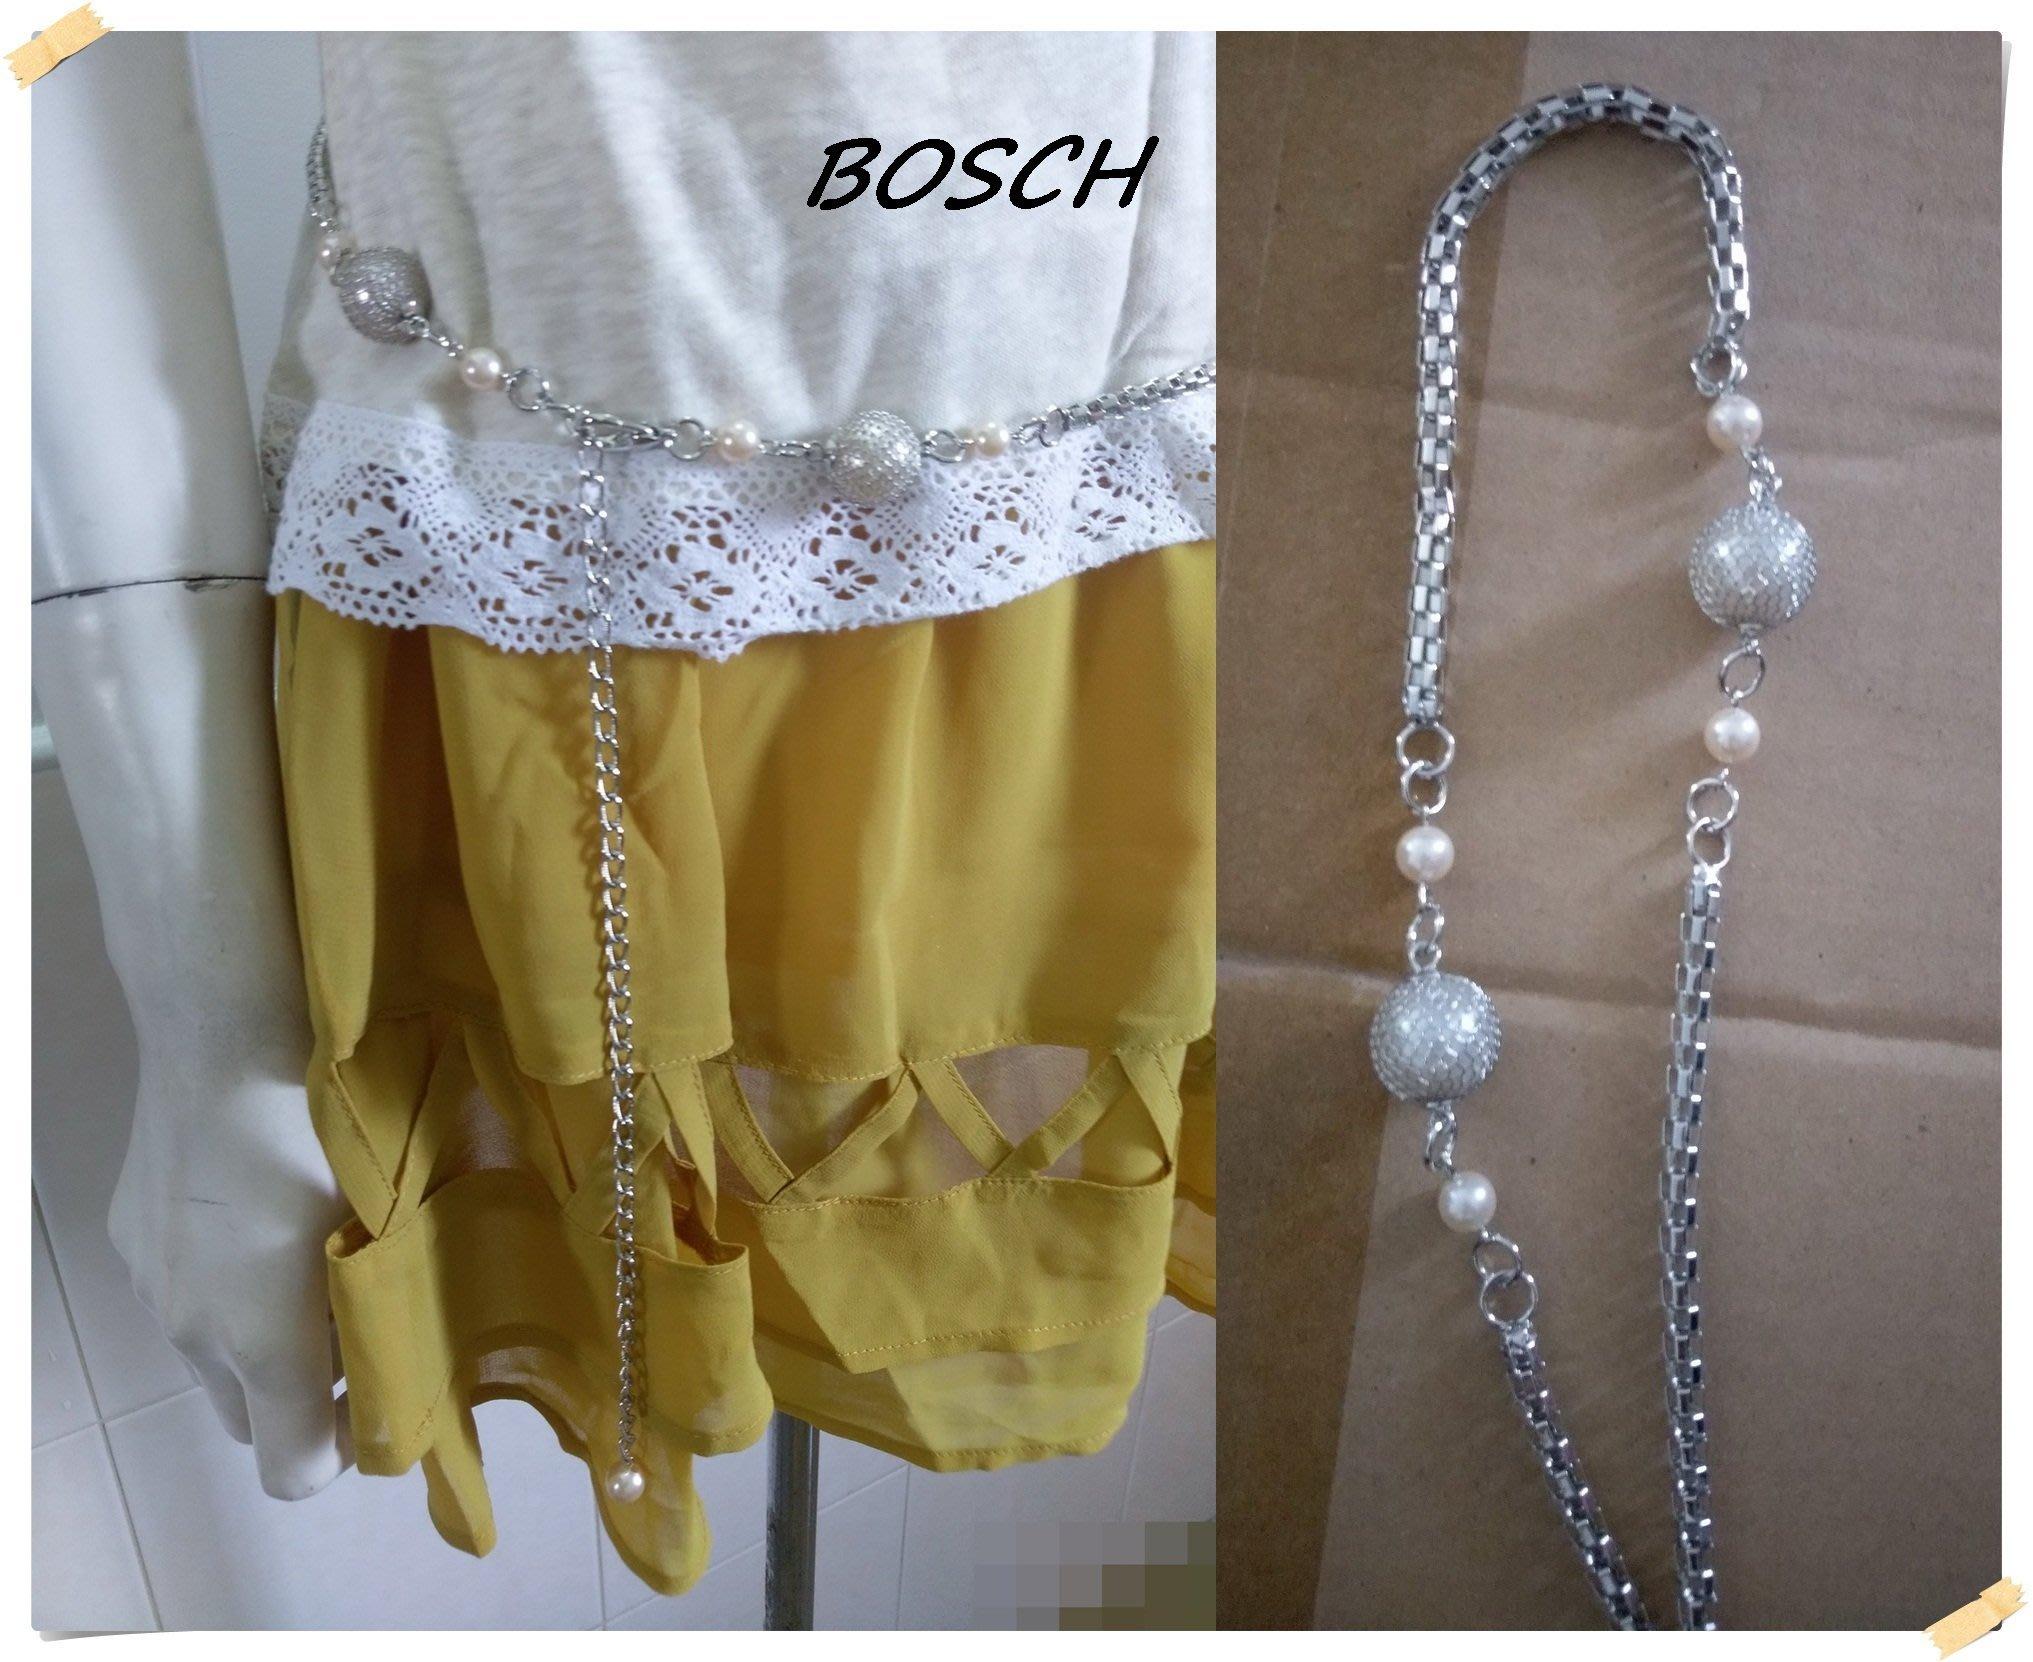 。BOSCH【全新專櫃商品】亮銀色 時尚混搭款圓球造型縷空粗圓目金屬腰鍊/項鍊二用 F號